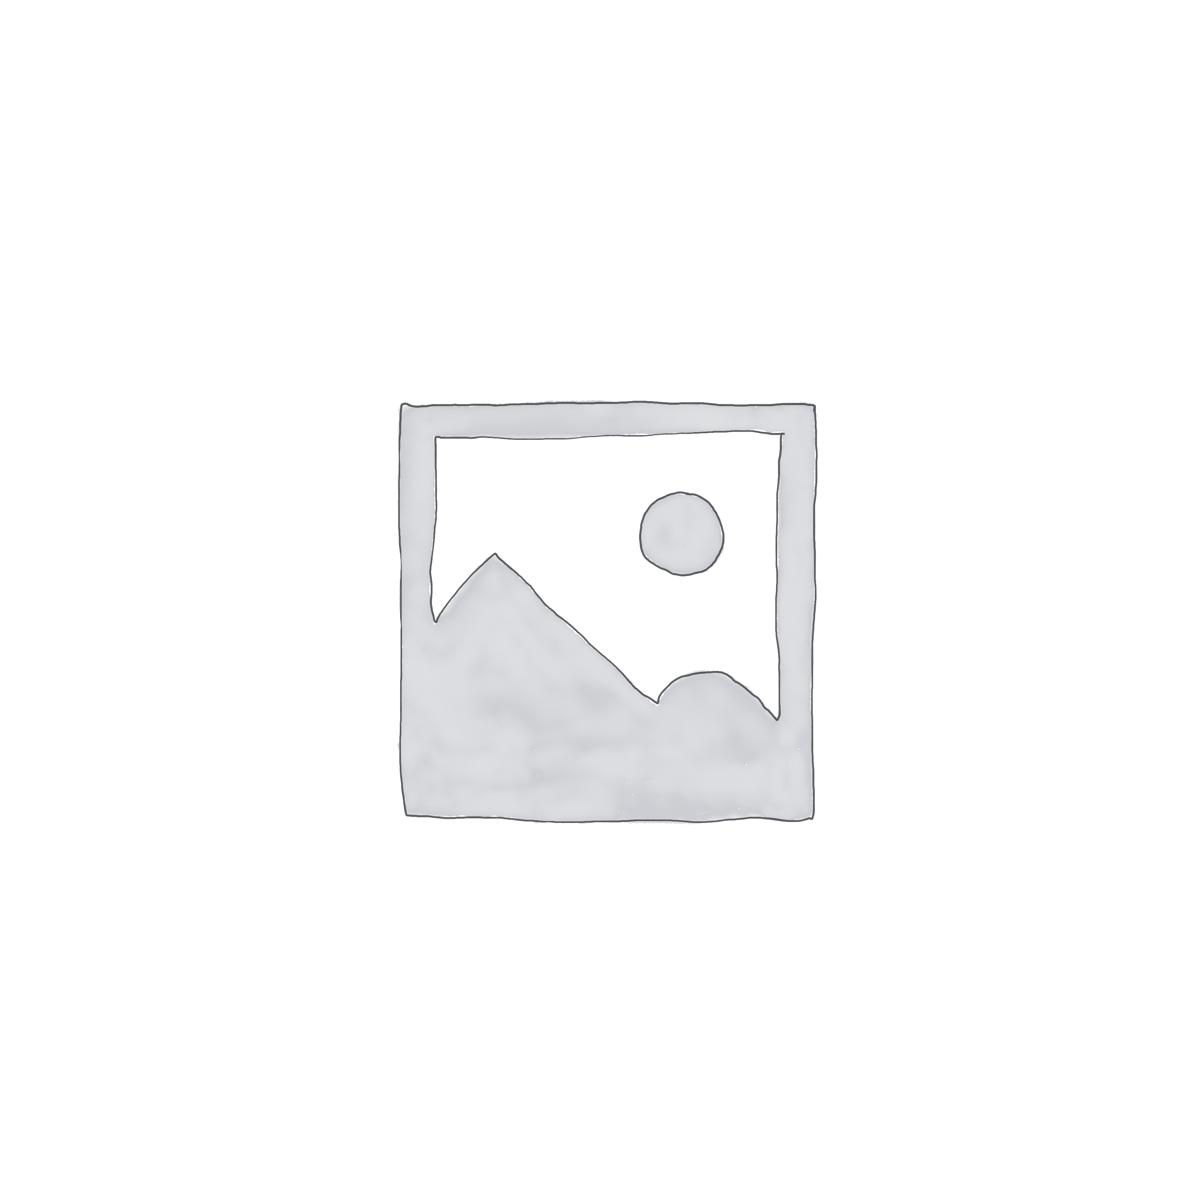 Colorful Watercolor Brush Wallpaper Mural